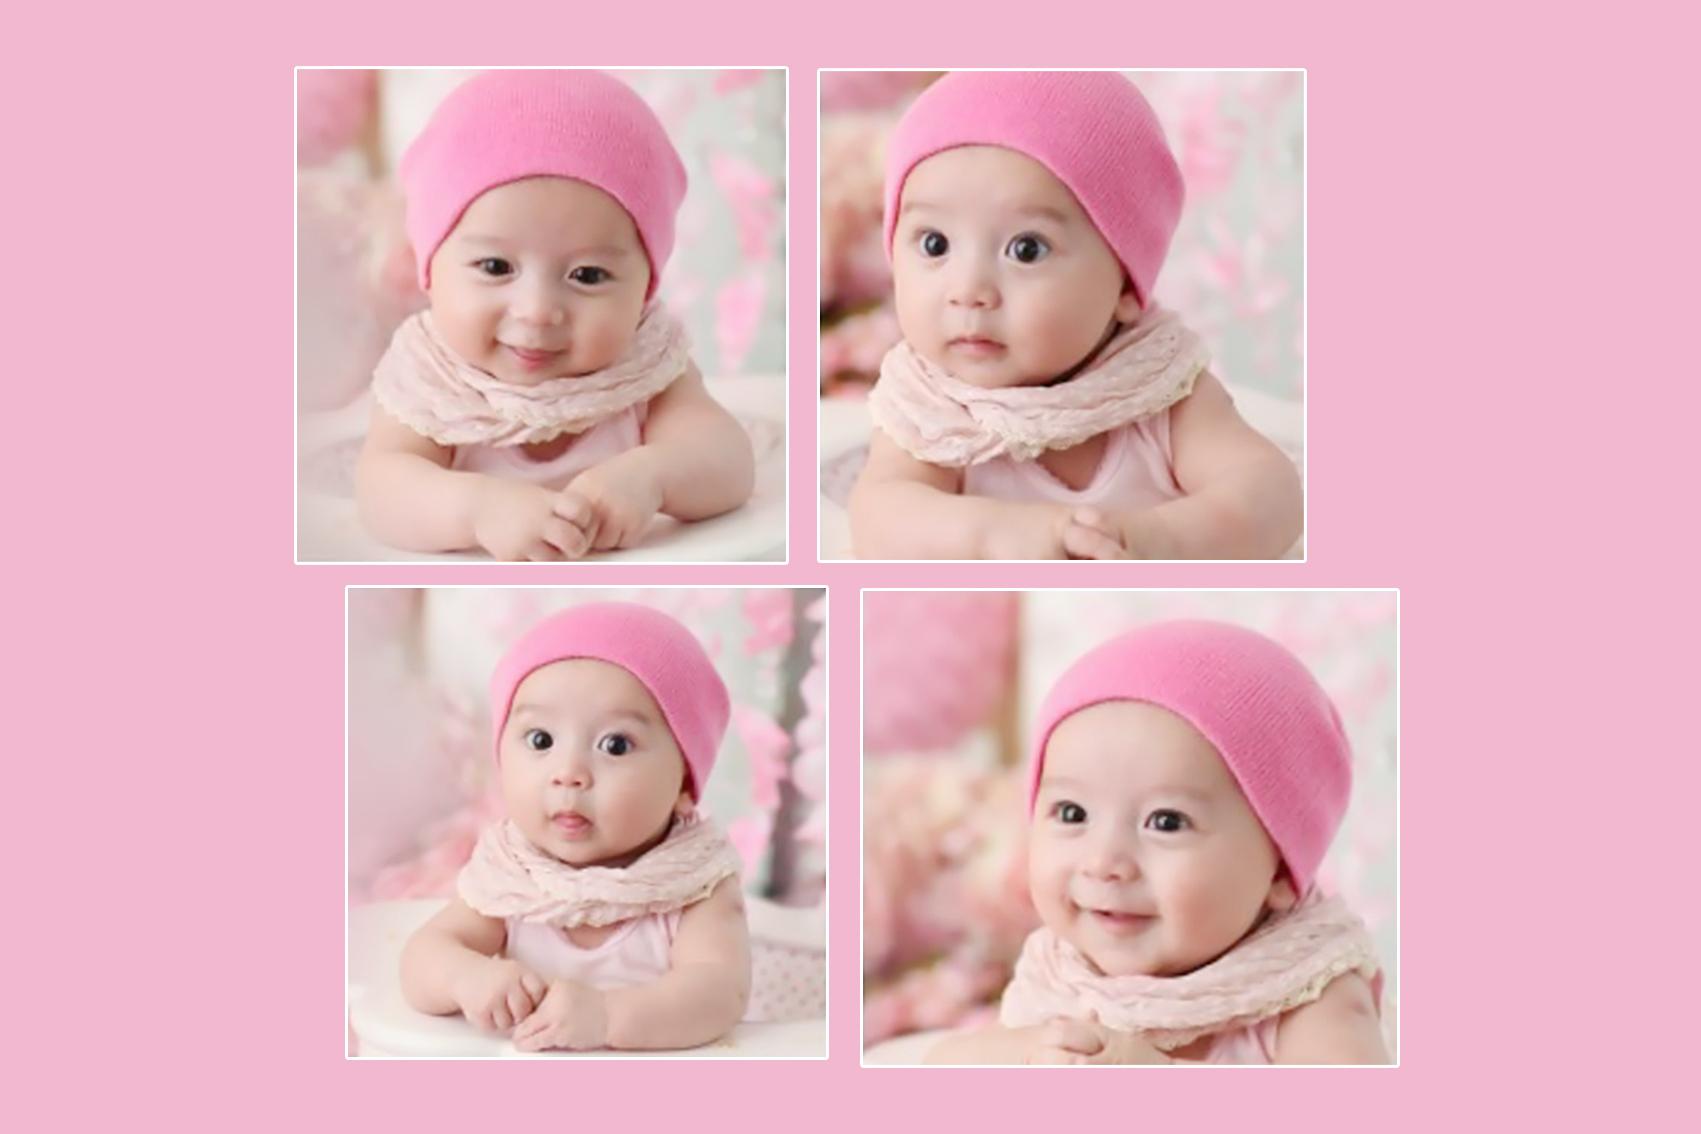 漂亮小宝宝桌面图片_可爱男婴儿壁纸_可爱baby婴儿壁纸_可爱婴儿壁纸_可爱baby婴儿壁纸 ...